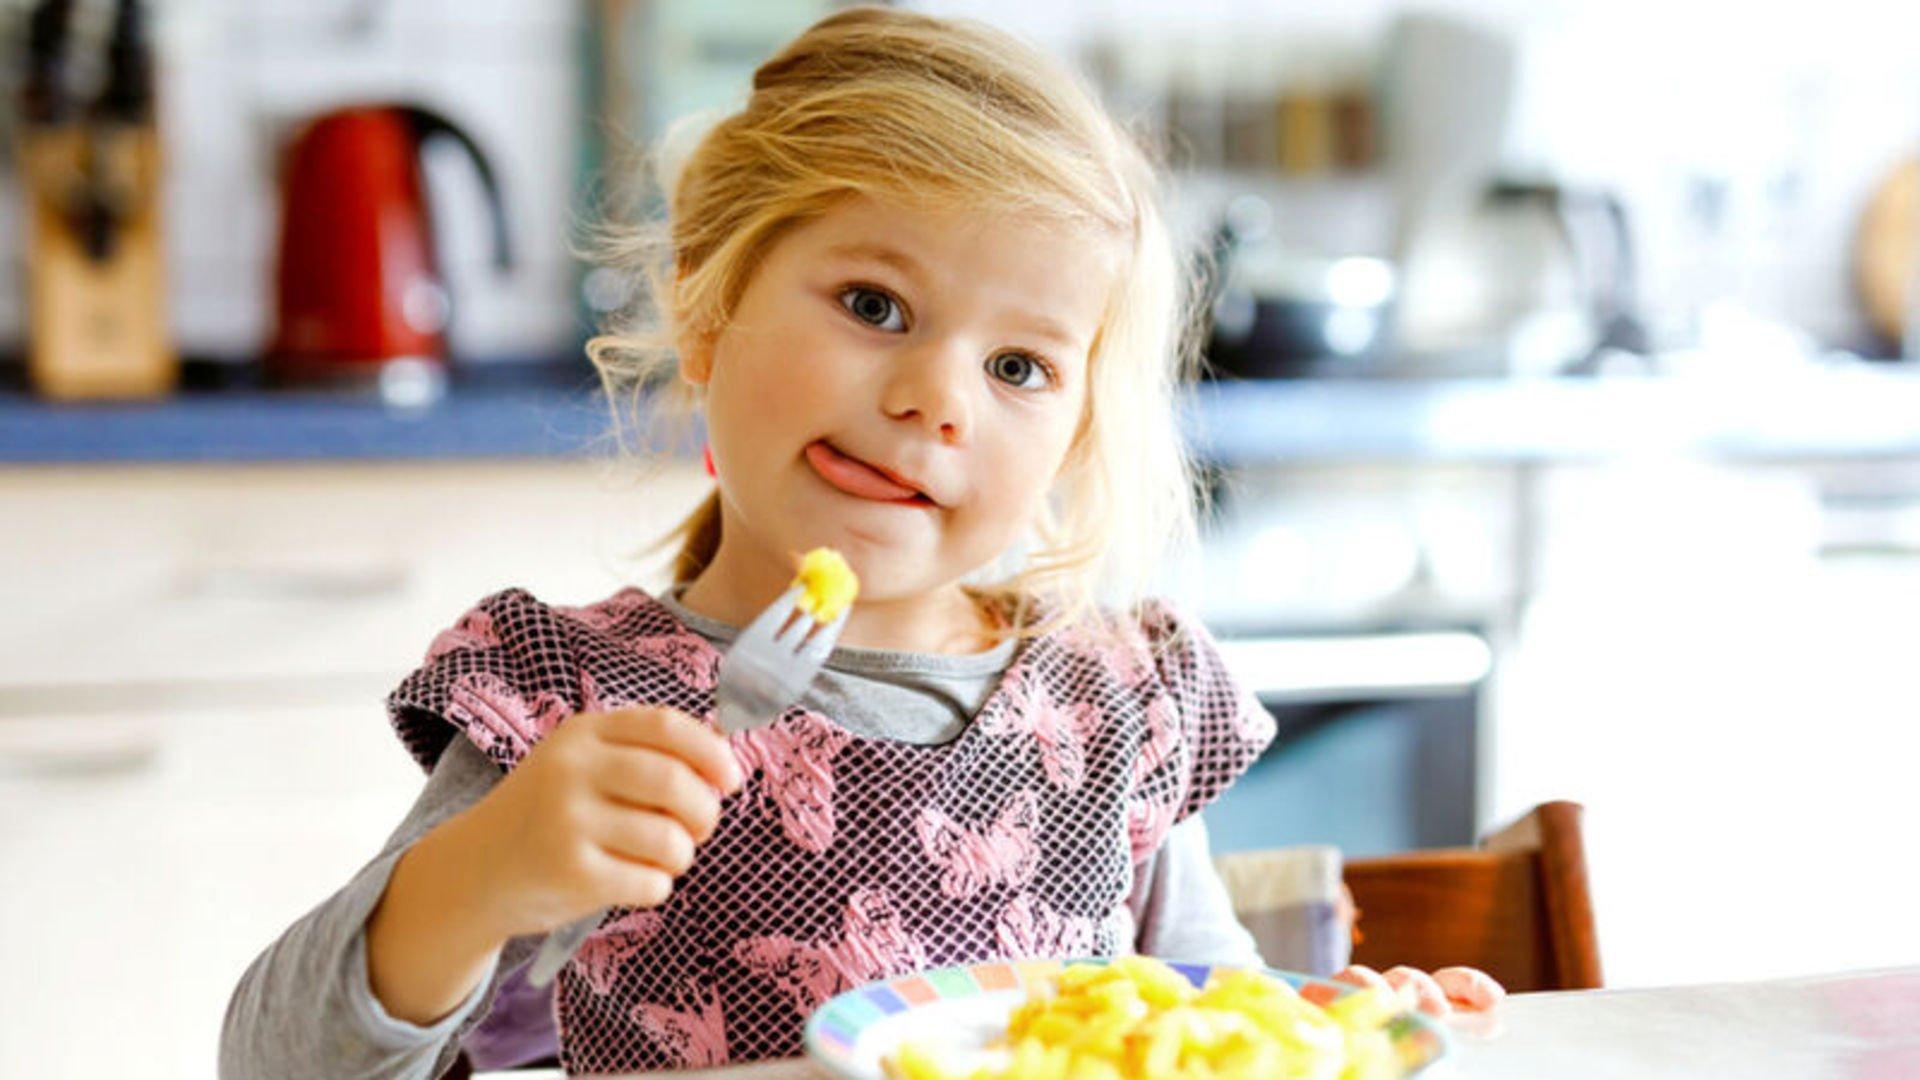 Fazla sağlıklı beslenme çocuklar için zararlı olabilir mi?